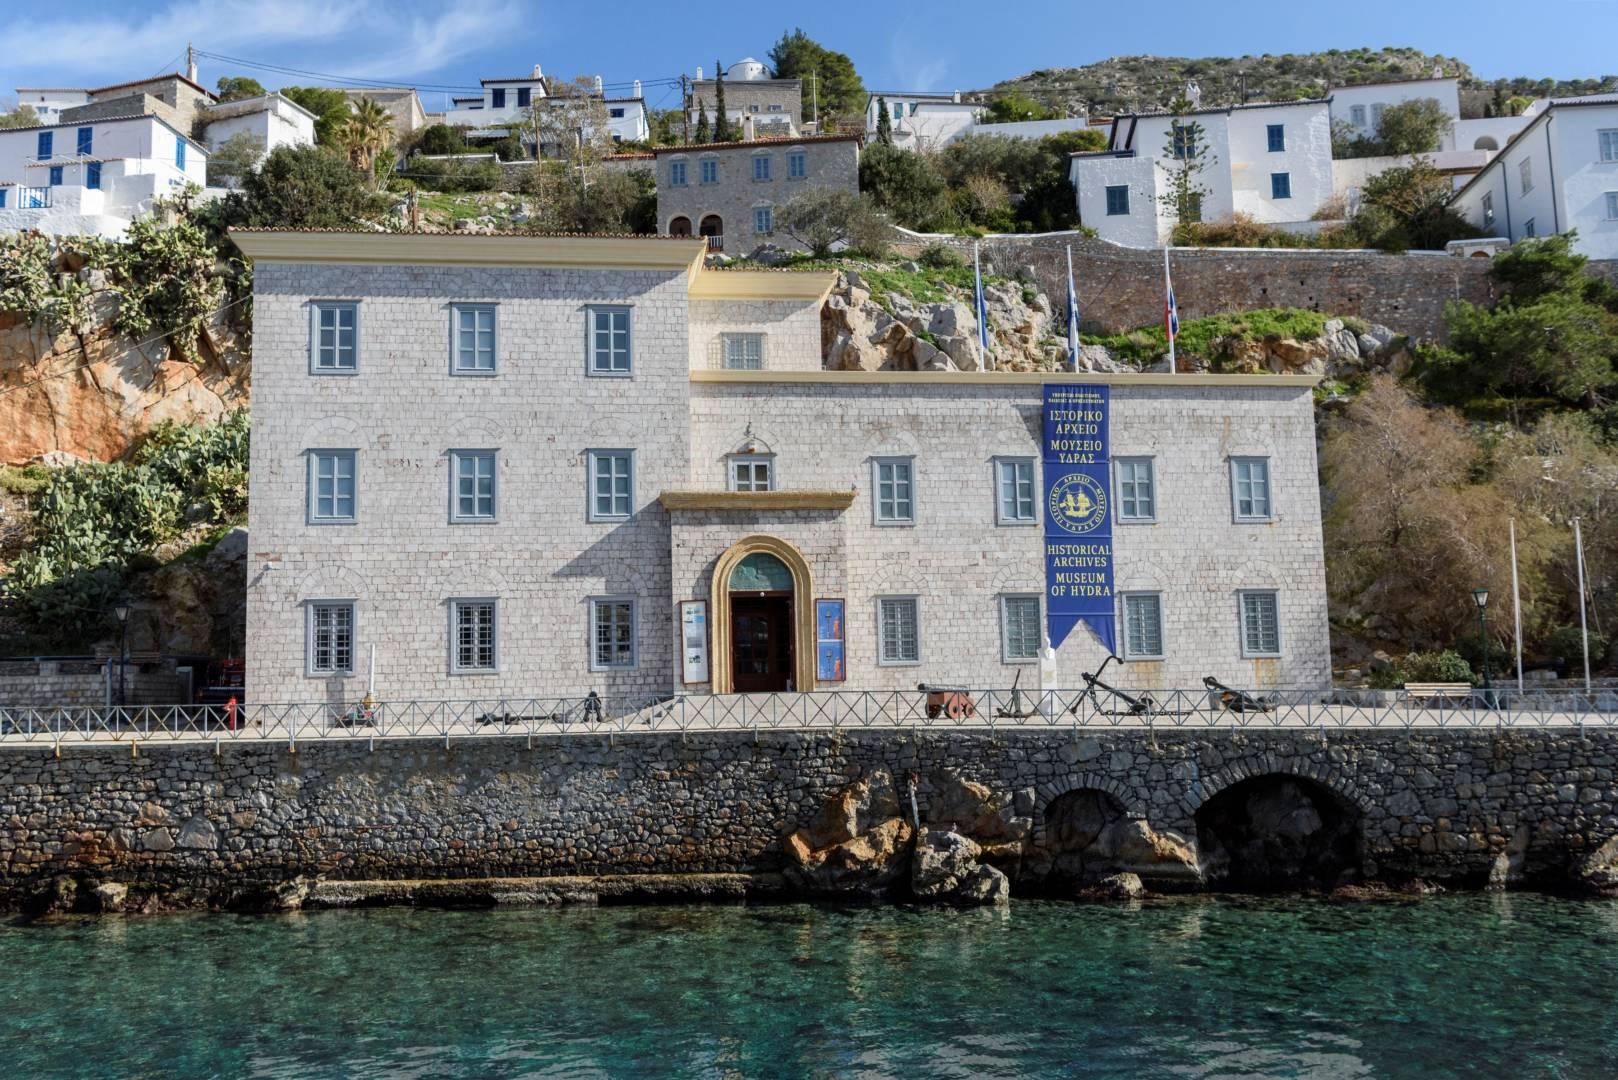 Ιστορικό Αρχείο και Μουσείο Ύδρας